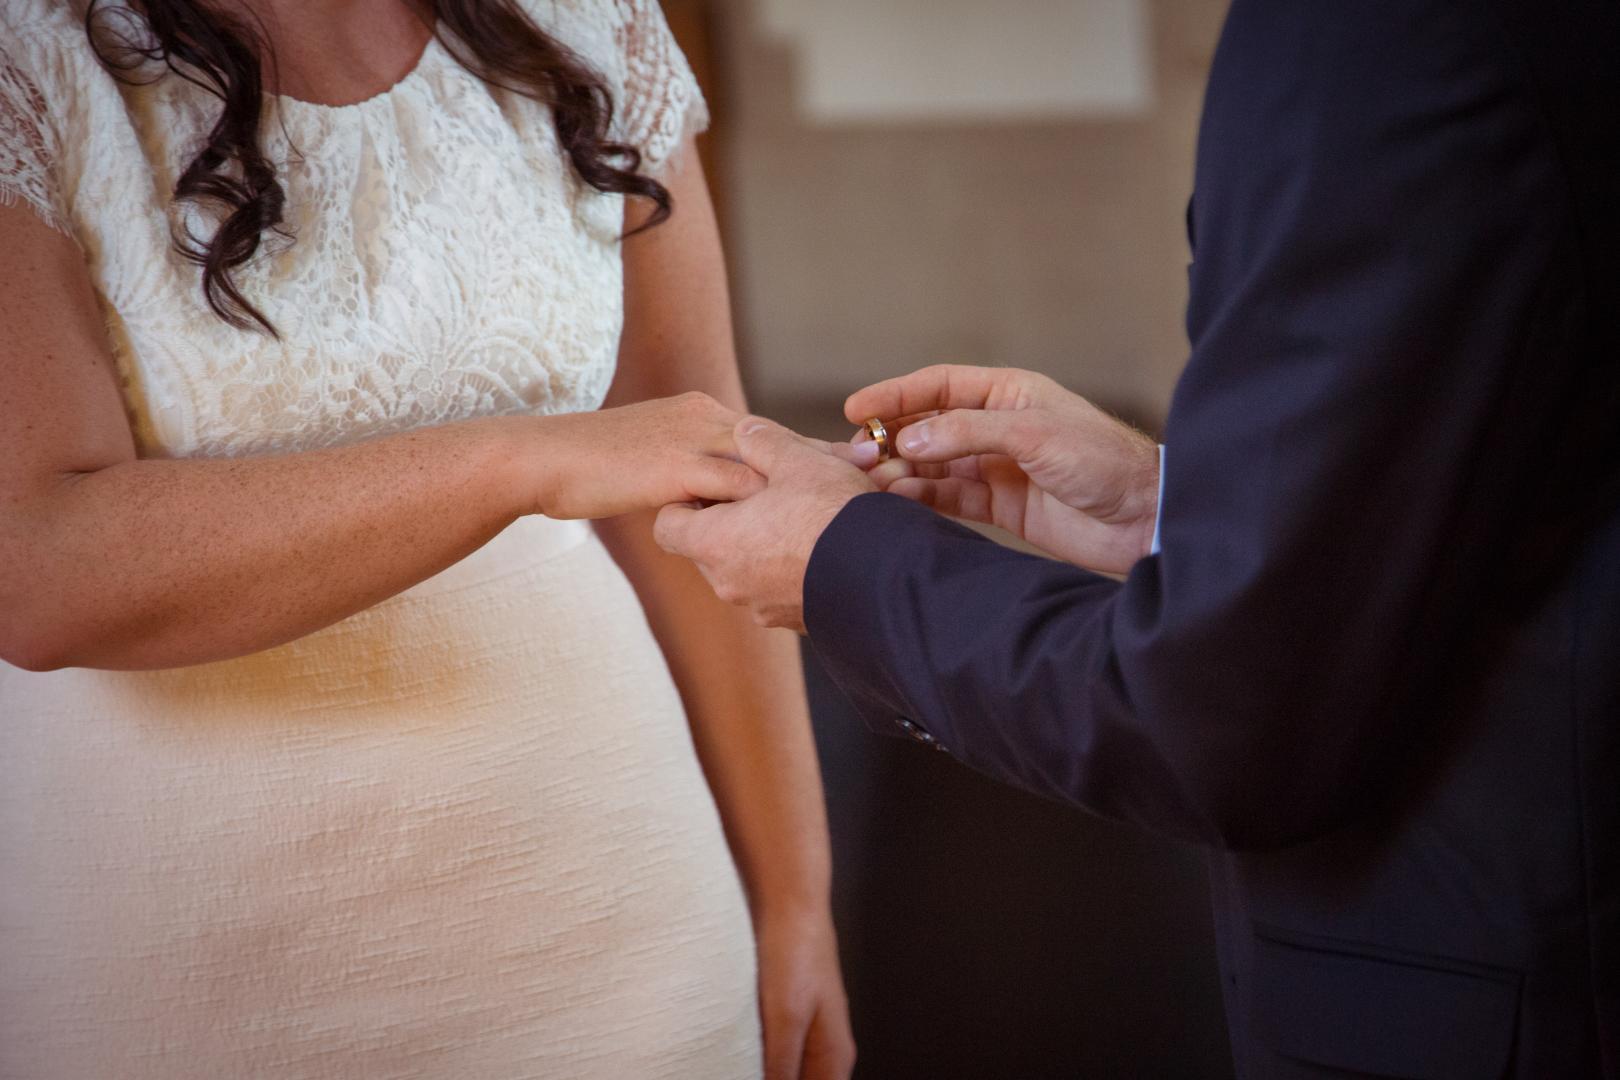 Eheringe anstecken Hochzeitsfotograf Mattin Ott Köln